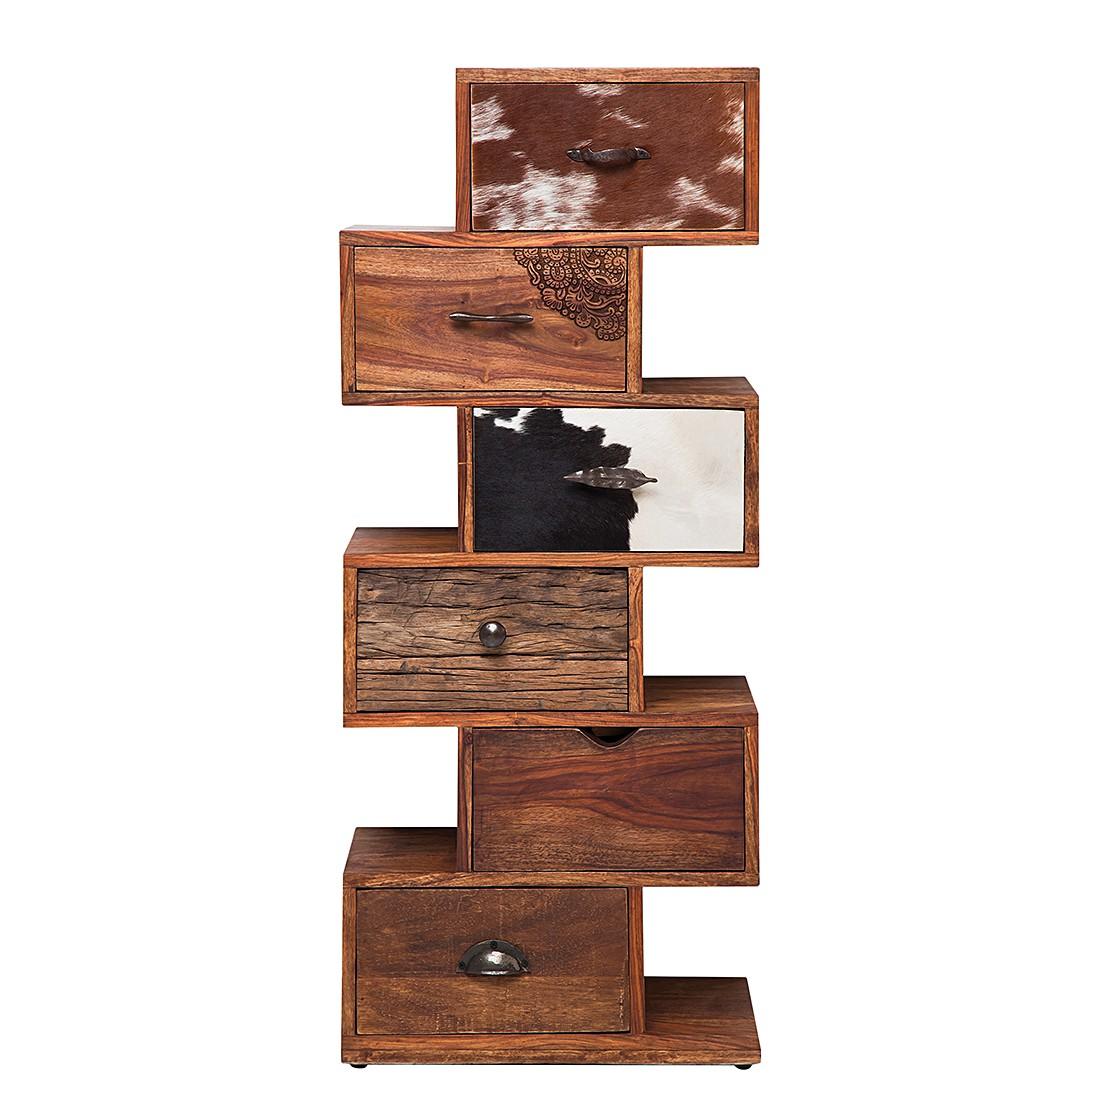 wohnzimmer online günstig kaufen über shop24.at | shop24 - Kare Design Wohnzimmer